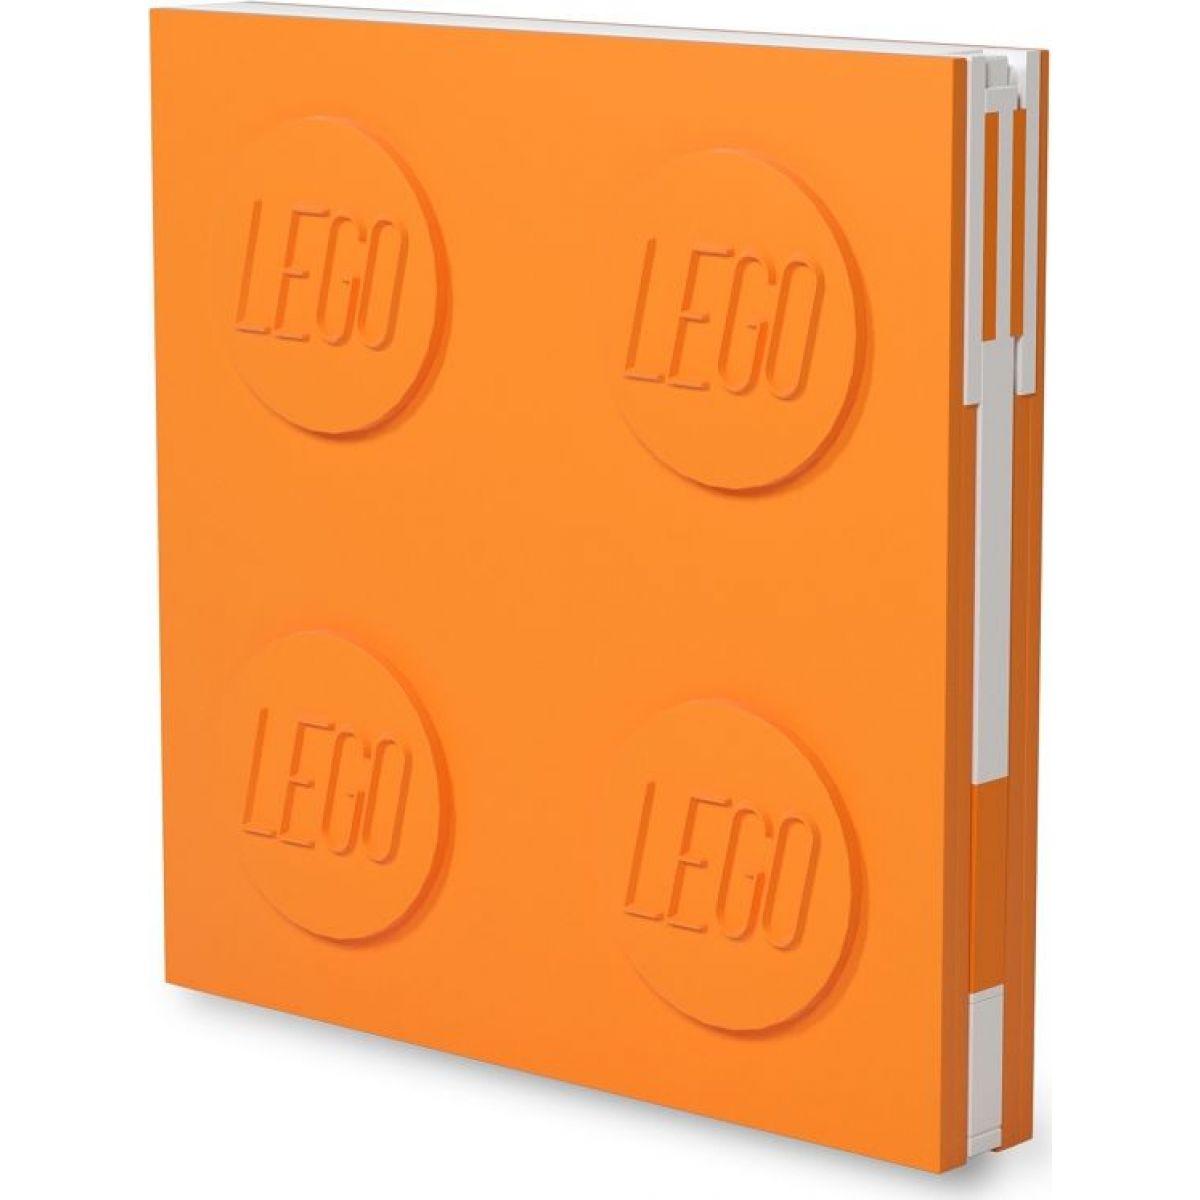 LEGO® 2.0 Zápisník s gelovým perem jako klipem - oranžový